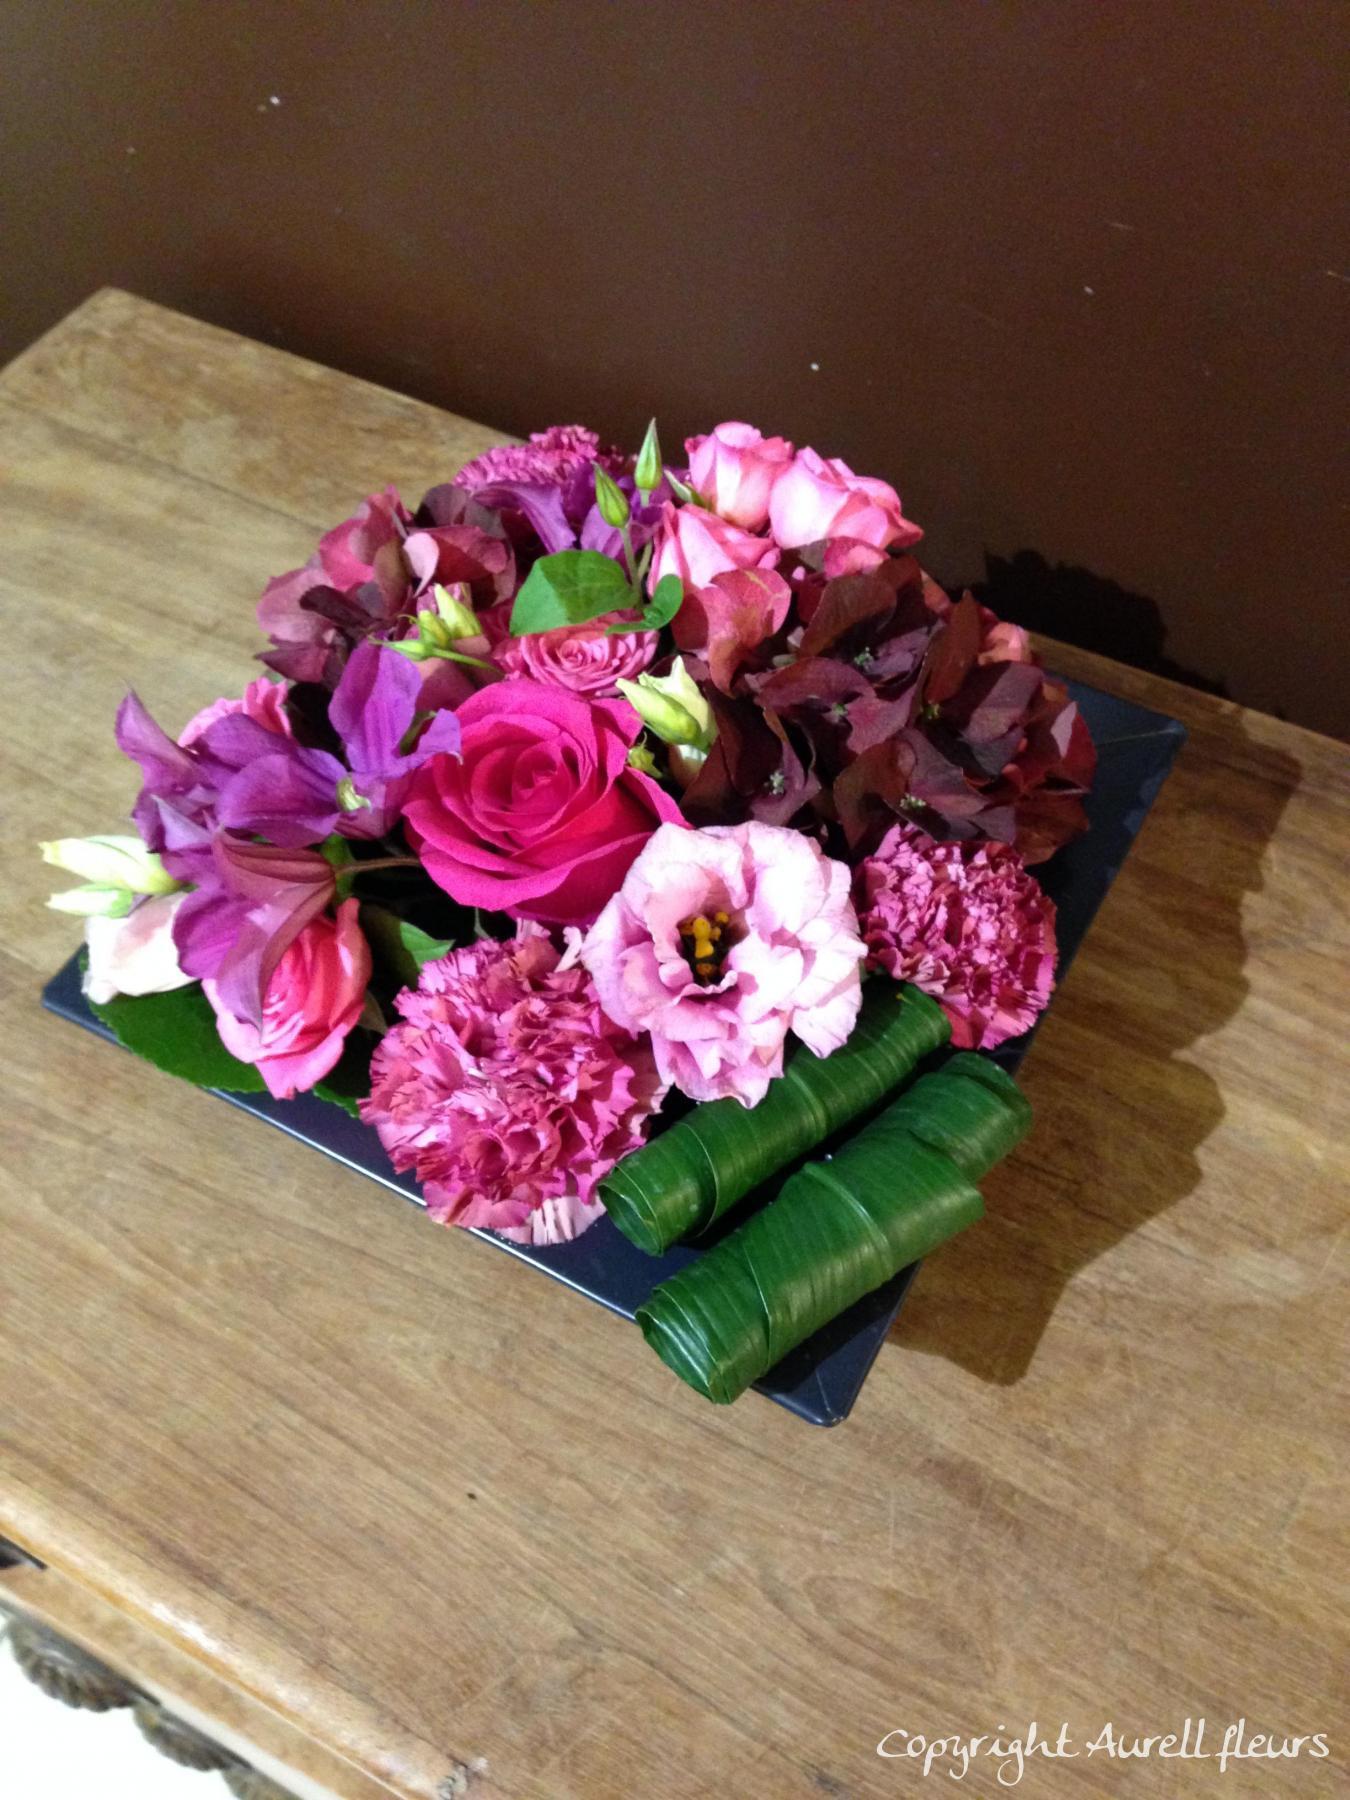 Fleuriste créatif (fleur 07 ) à Saint-Jean-de-Braye | Aurell fleurs